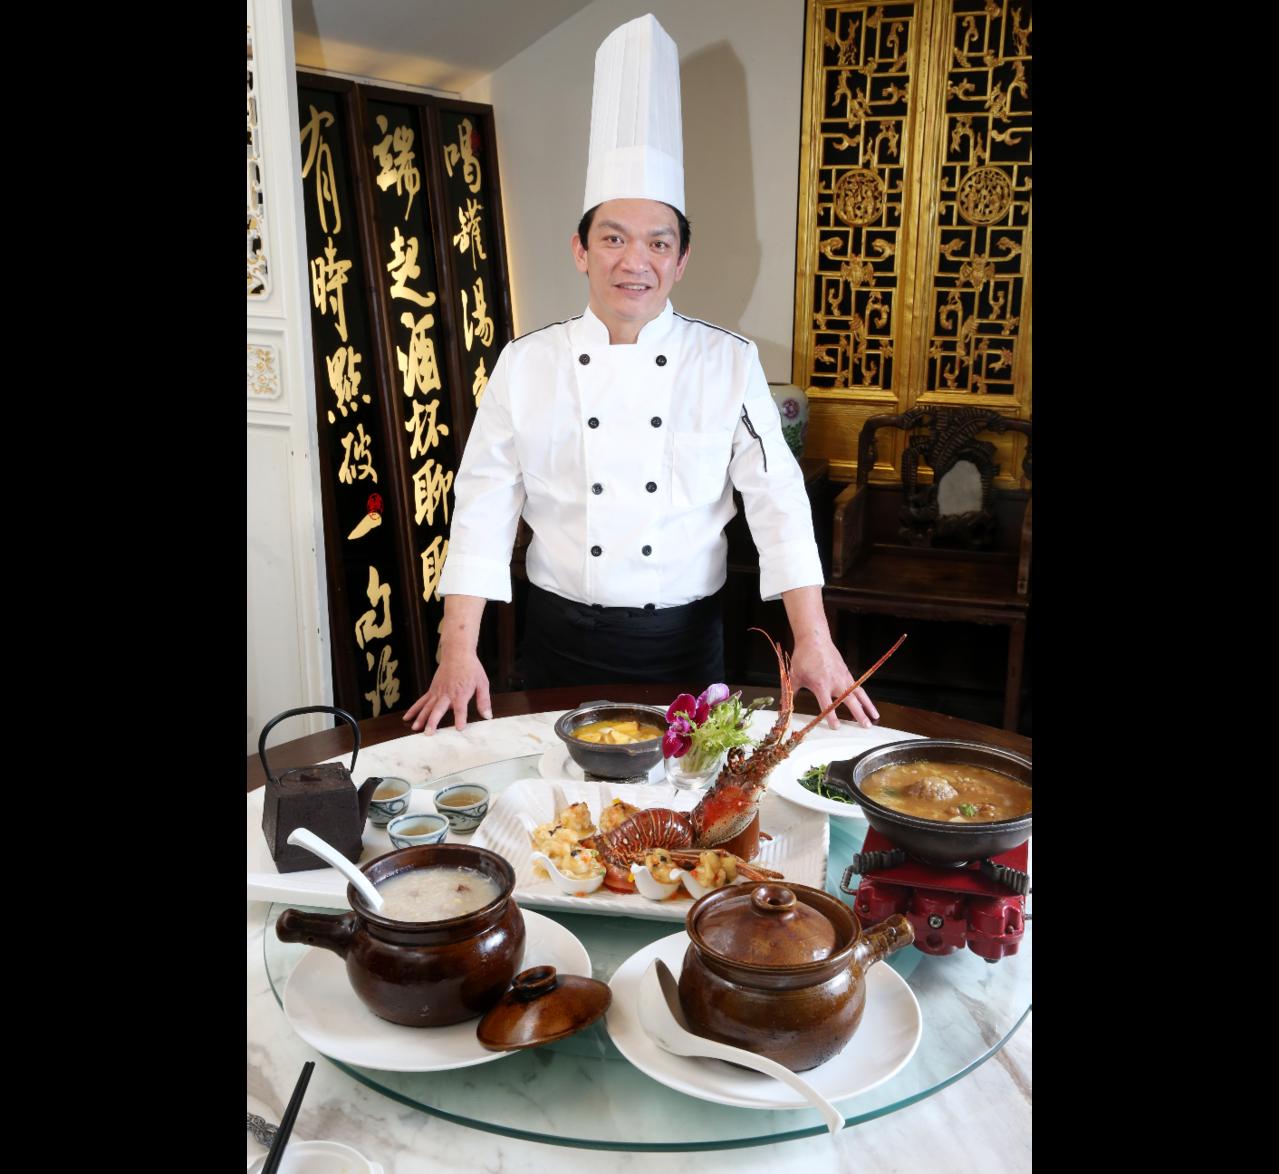 曾任五星級飯店的Allen主廚,在烹煮方面講究保留食材的原味。記者邱德祥/攝影